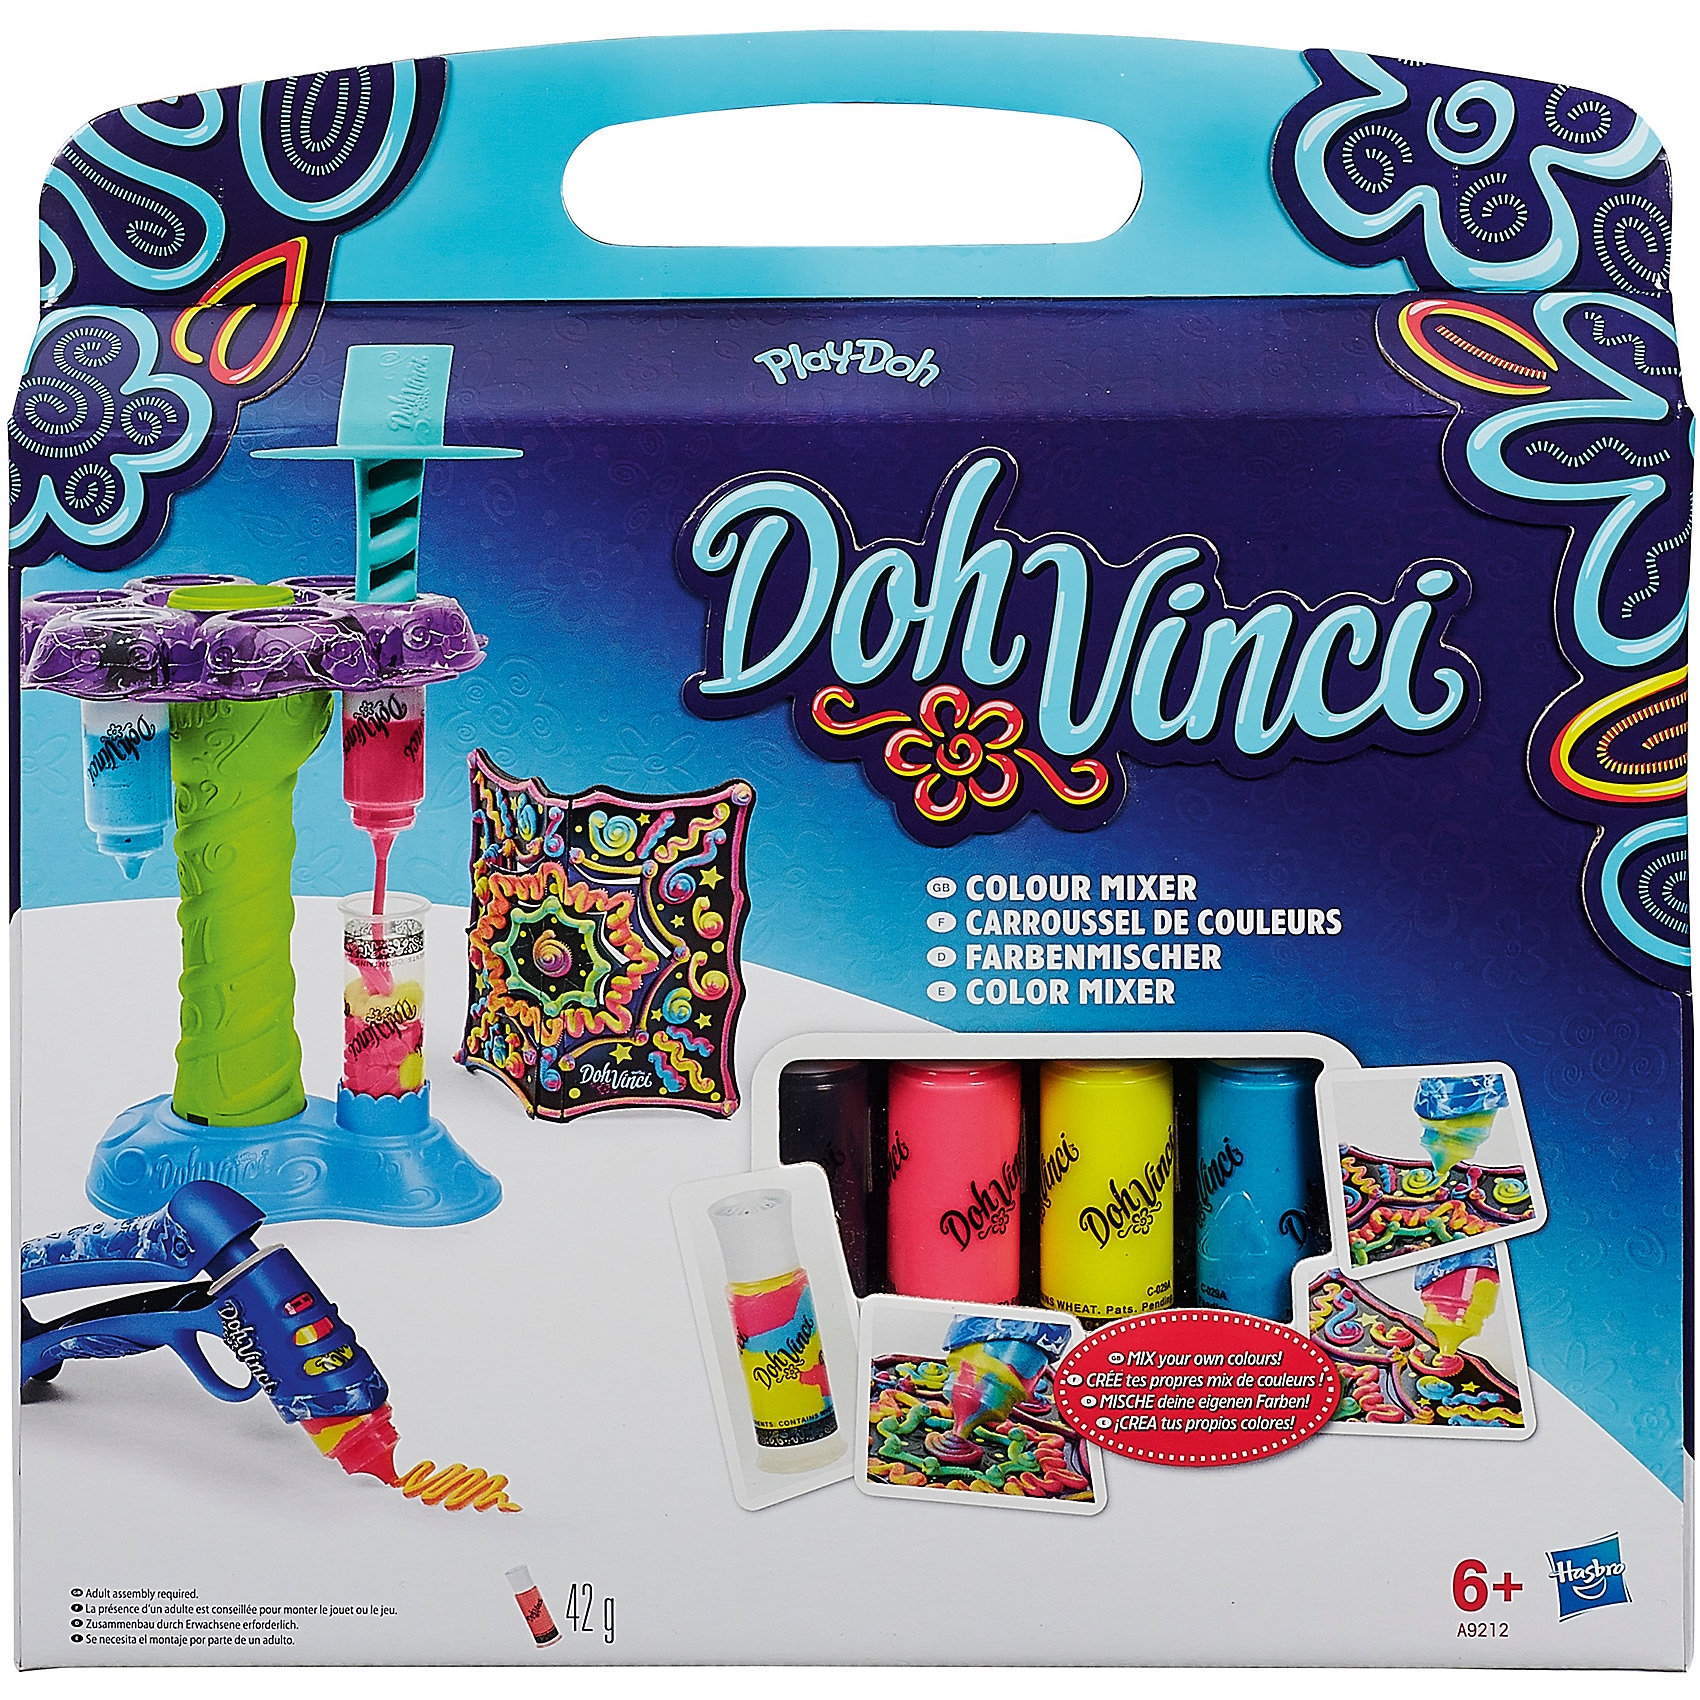 Микшер цветов, DohVinciНаборы для лепки<br>Микшер цветов, DohVinci (До-Винчи) порадует всех юных любителей лепки и поможет им реализовать свои творческие фантазии. Используя входящий в набор микшер Ваш ребенок сможет легко смешивать различные цвета пластилина, каждый раз получая новый насыщенный яркий оттенок. Поместите пустой картридж DohVicni в микшер и нажмите на пресс, чтобы выдавить нужный цвет. Затем прокрутите палитру с разными цветами пластилина и выберите следующий цвет, который Вы хотите смешать с предыдущим. За один раз можно смешать любое количество цветов. <br><br>Заполнив специальный пистолет полученным при смешении пластилином, нажмите на курок и выдавите пластилин на поверхность - у Вас получится яркий оригинальный узор.<br>Пластилин До-Винчи быстро застывает, хорошо сохраняя заданную форму, полностью безопасен для детей. Набор развивает у ребенка восприятие цвета и формы, фантазию и творческие навыки. <br><br>Дополнительная информация:<br><br>- В комплекте: подставка для декорирования, микшер, картриджи с пластилином (3 шт.), пустой картридж, пистолет, инструкция.<br>- Материал: пластилин, пластмасса.<br>- Размер упаковки: 6,4 x 30,5 x 30,5 см.<br>- Вес: 0,794 кг.<br><br>Микшер цветов, DohVinci Play-Doh (Плей-До) можно купить в нашем интернет-магазине.<br><br>Ширина мм: 303<br>Глубина мм: 309<br>Высота мм: 68<br>Вес г: 501<br>Возраст от месяцев: 72<br>Возраст до месяцев: 120<br>Пол: Женский<br>Возраст: Детский<br>SKU: 3838322